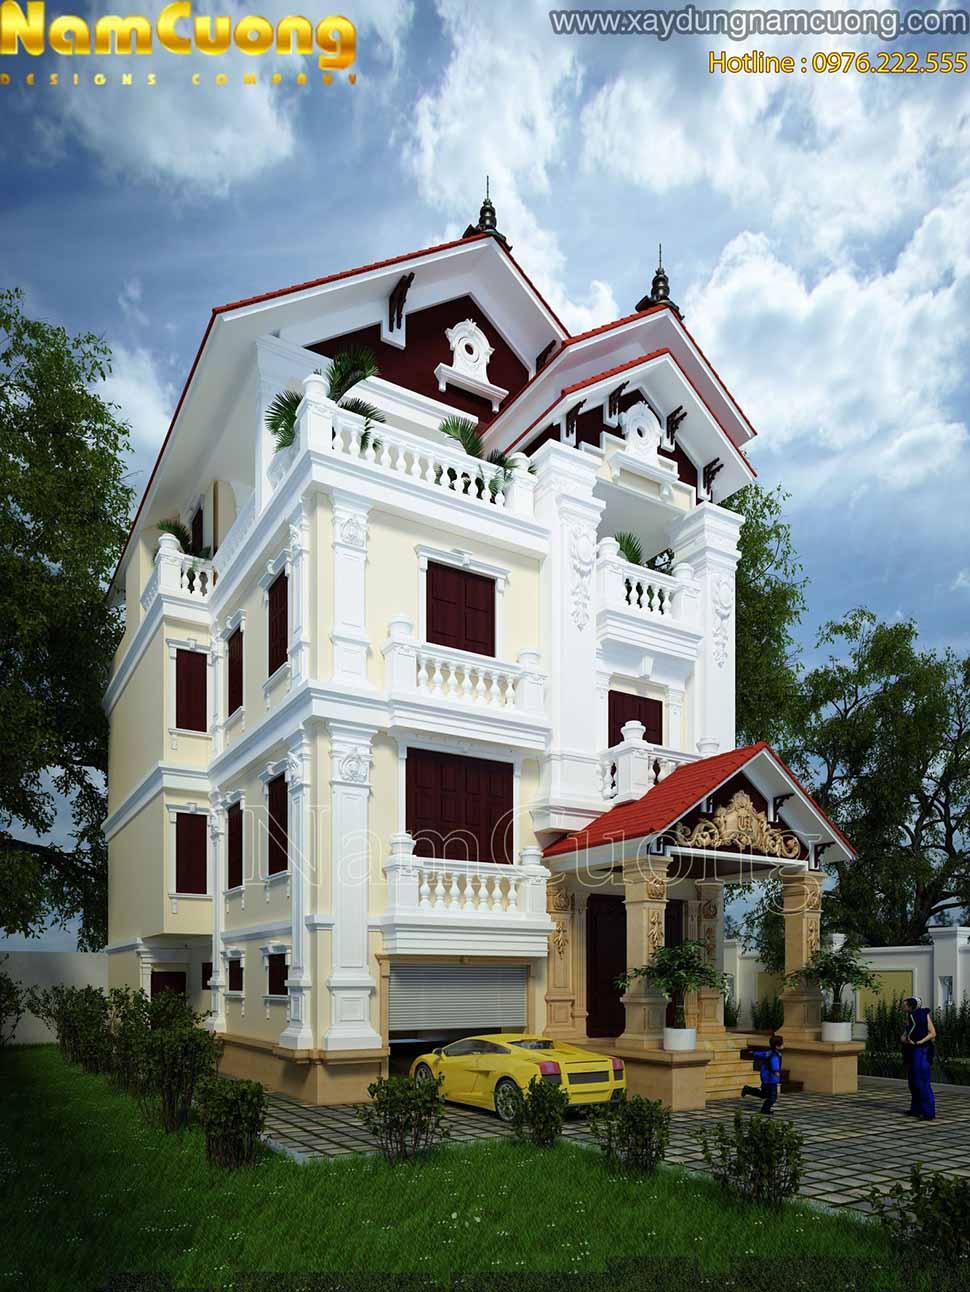 thiết kế kiến trúc ấn tượng